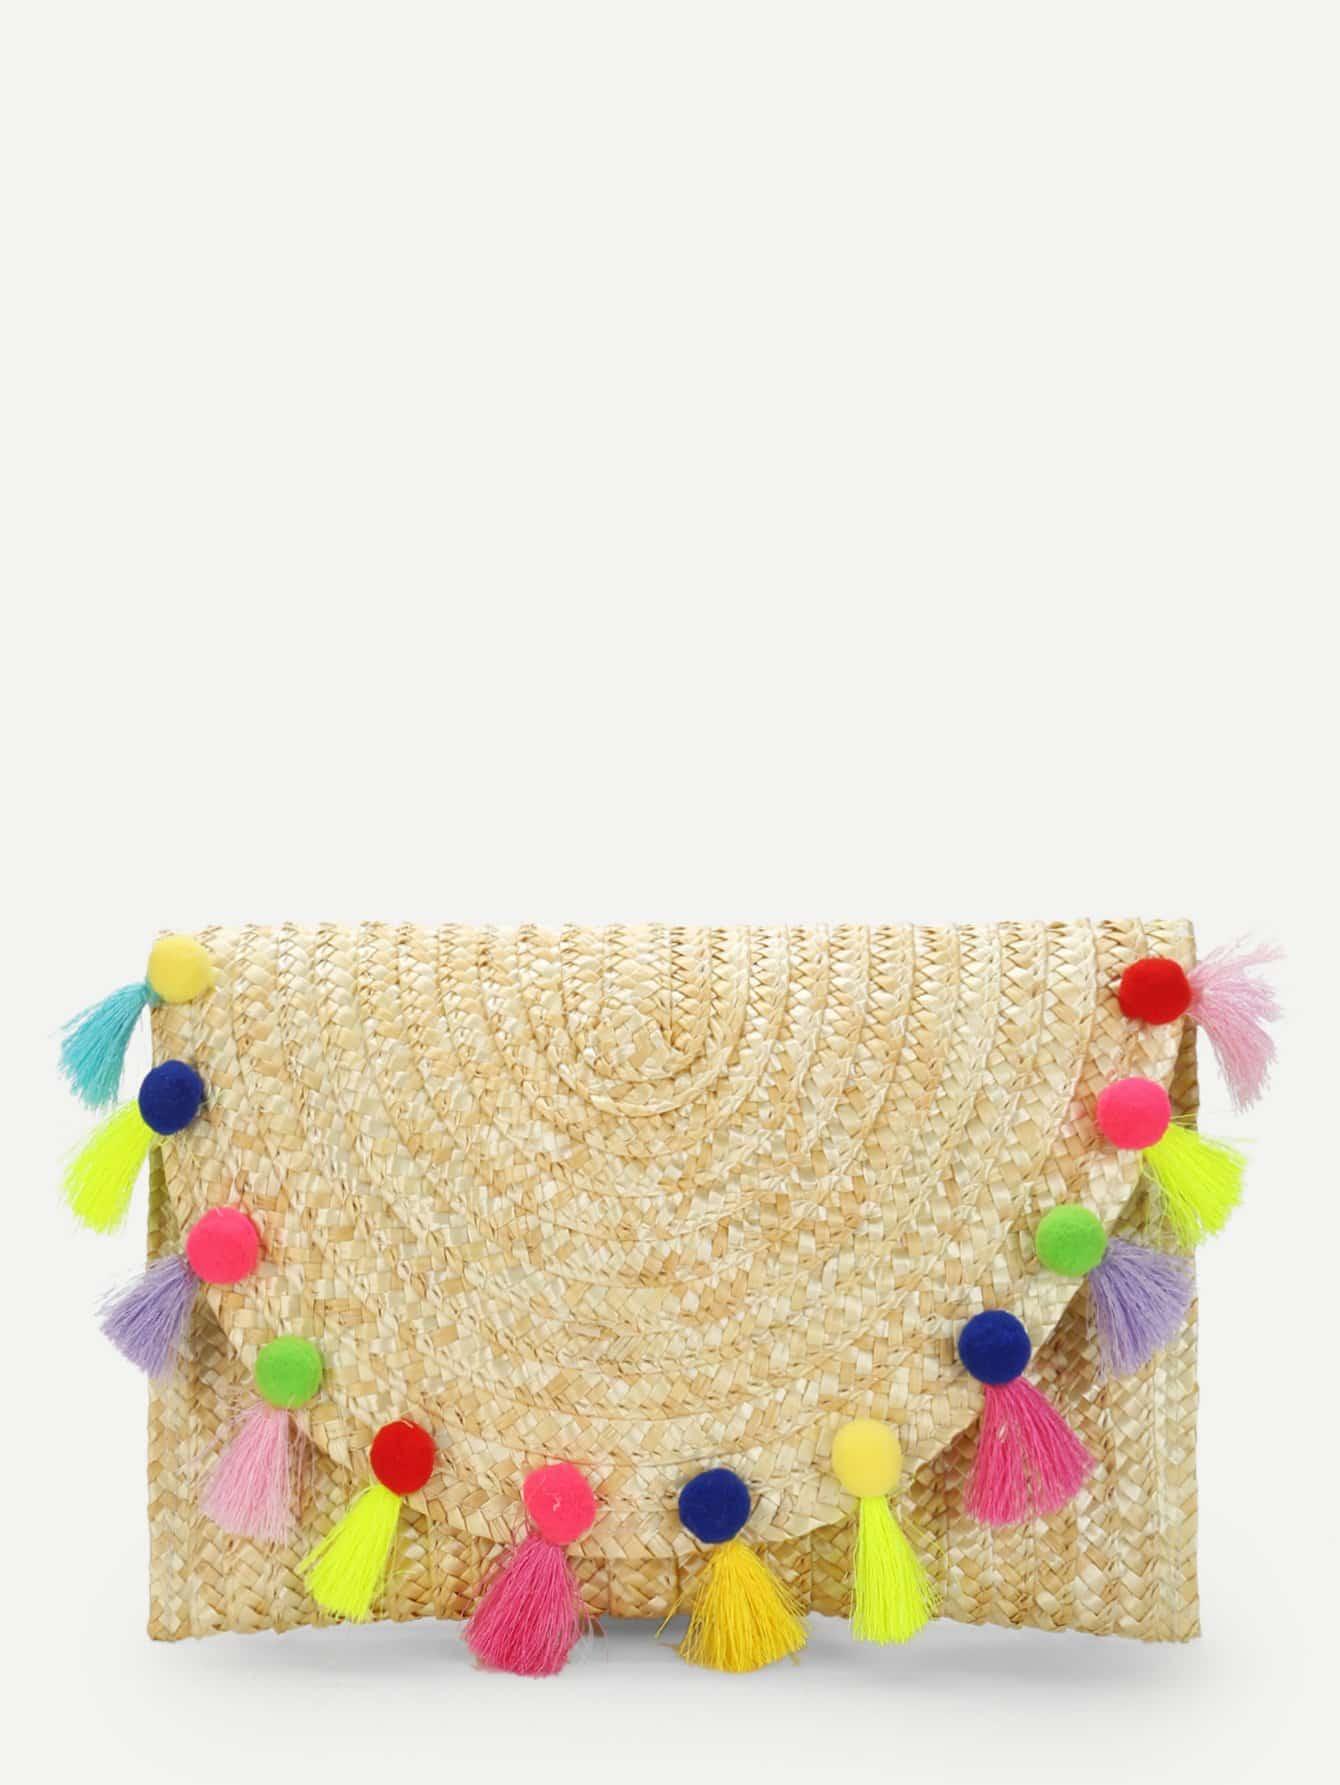 Straw Flap Purse With Pom Pom straw clutch bag with pom pom